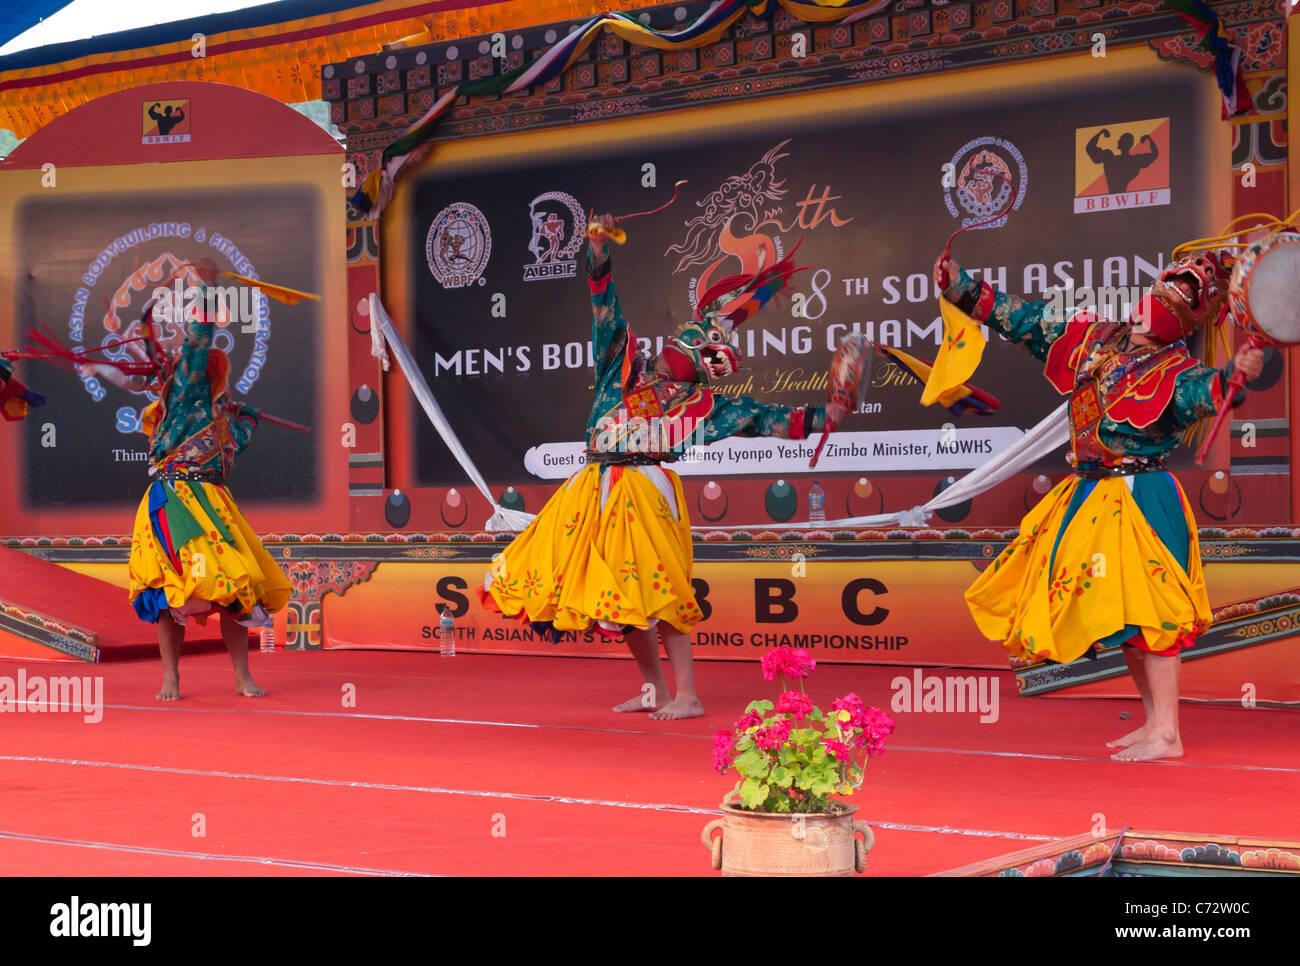 8Body building champshionship del sur de Asia. Thimpu. Bhután Foto de stock